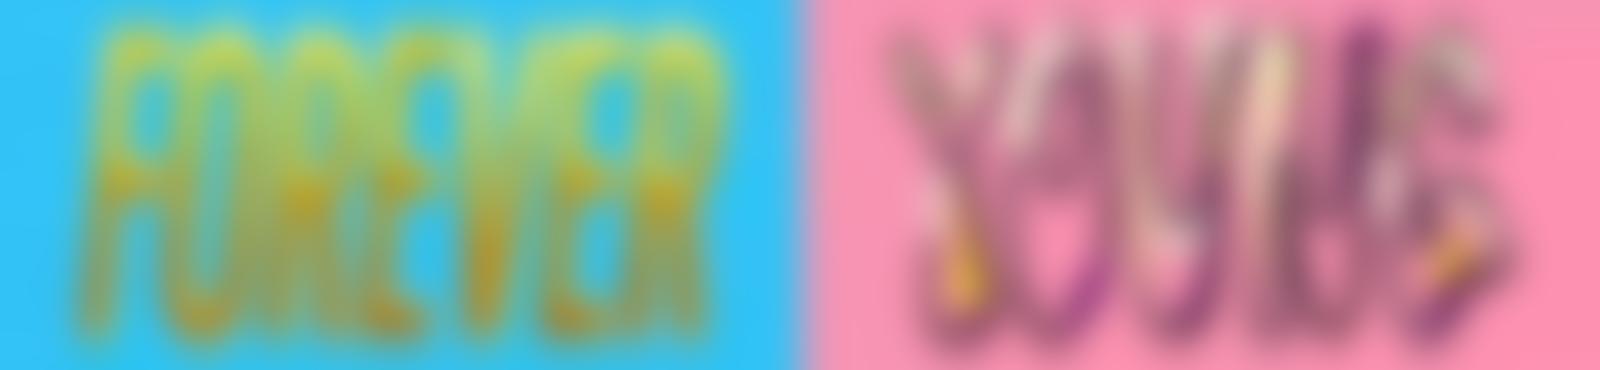 Blurred dd1ec12c a1a3 45b5 87d3 8665b58c7f98